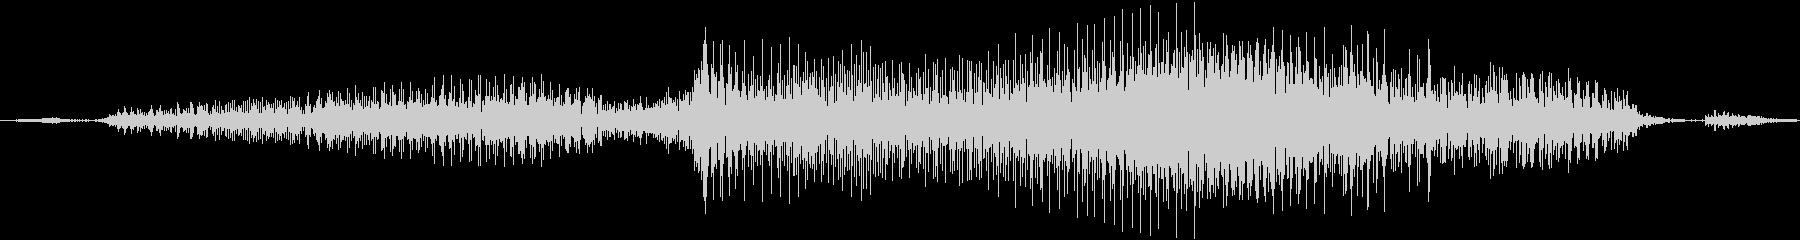 アンパイアコーリングストライクトゥ...の未再生の波形